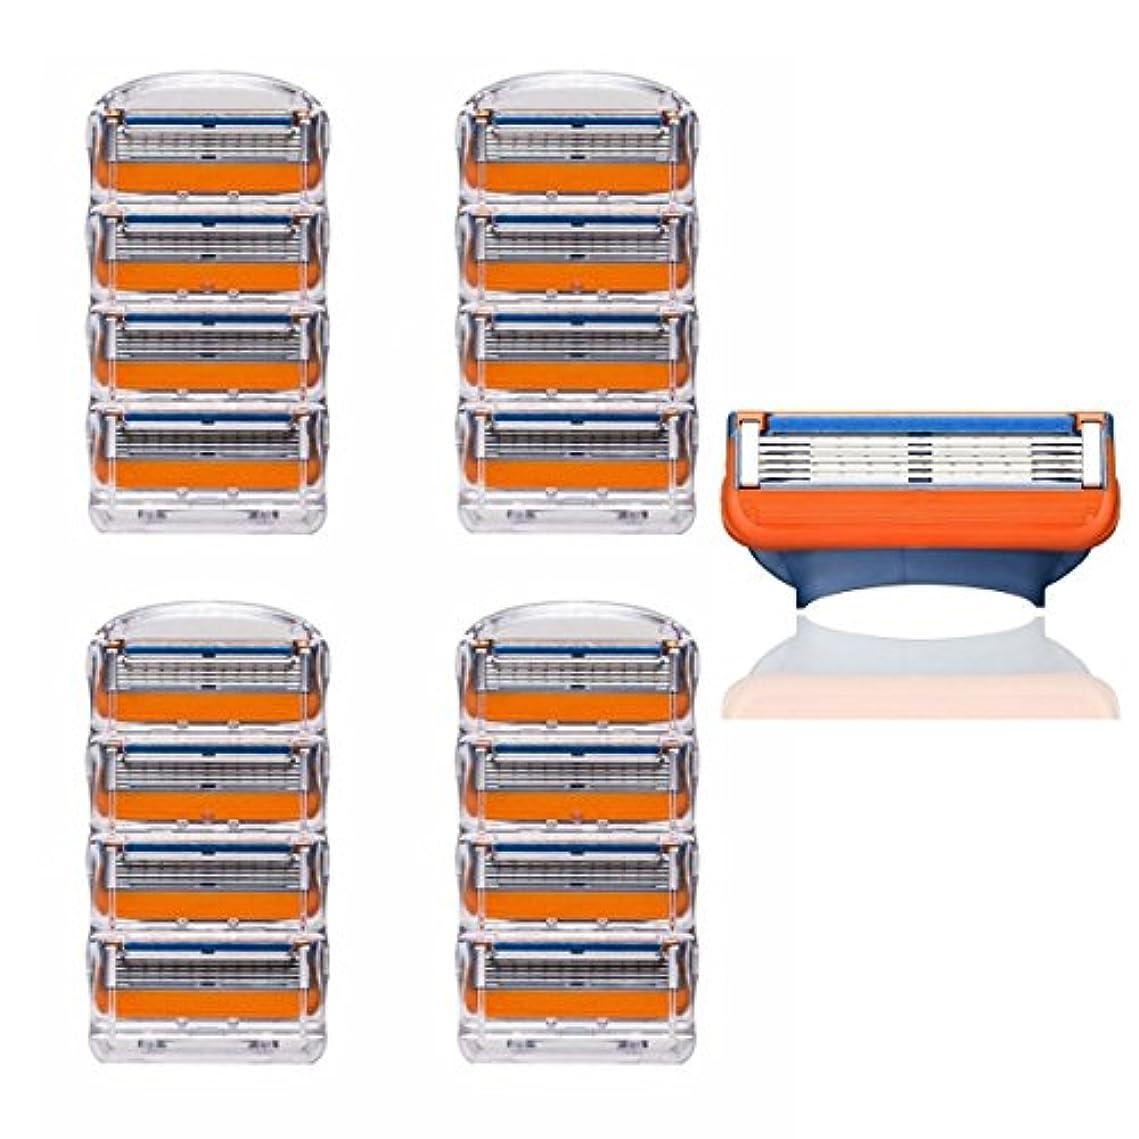 用心パンツ正確KISENG 16枚 5刃シェーバーヘッド 交換用 シェービングカミソリ ジレットに適用